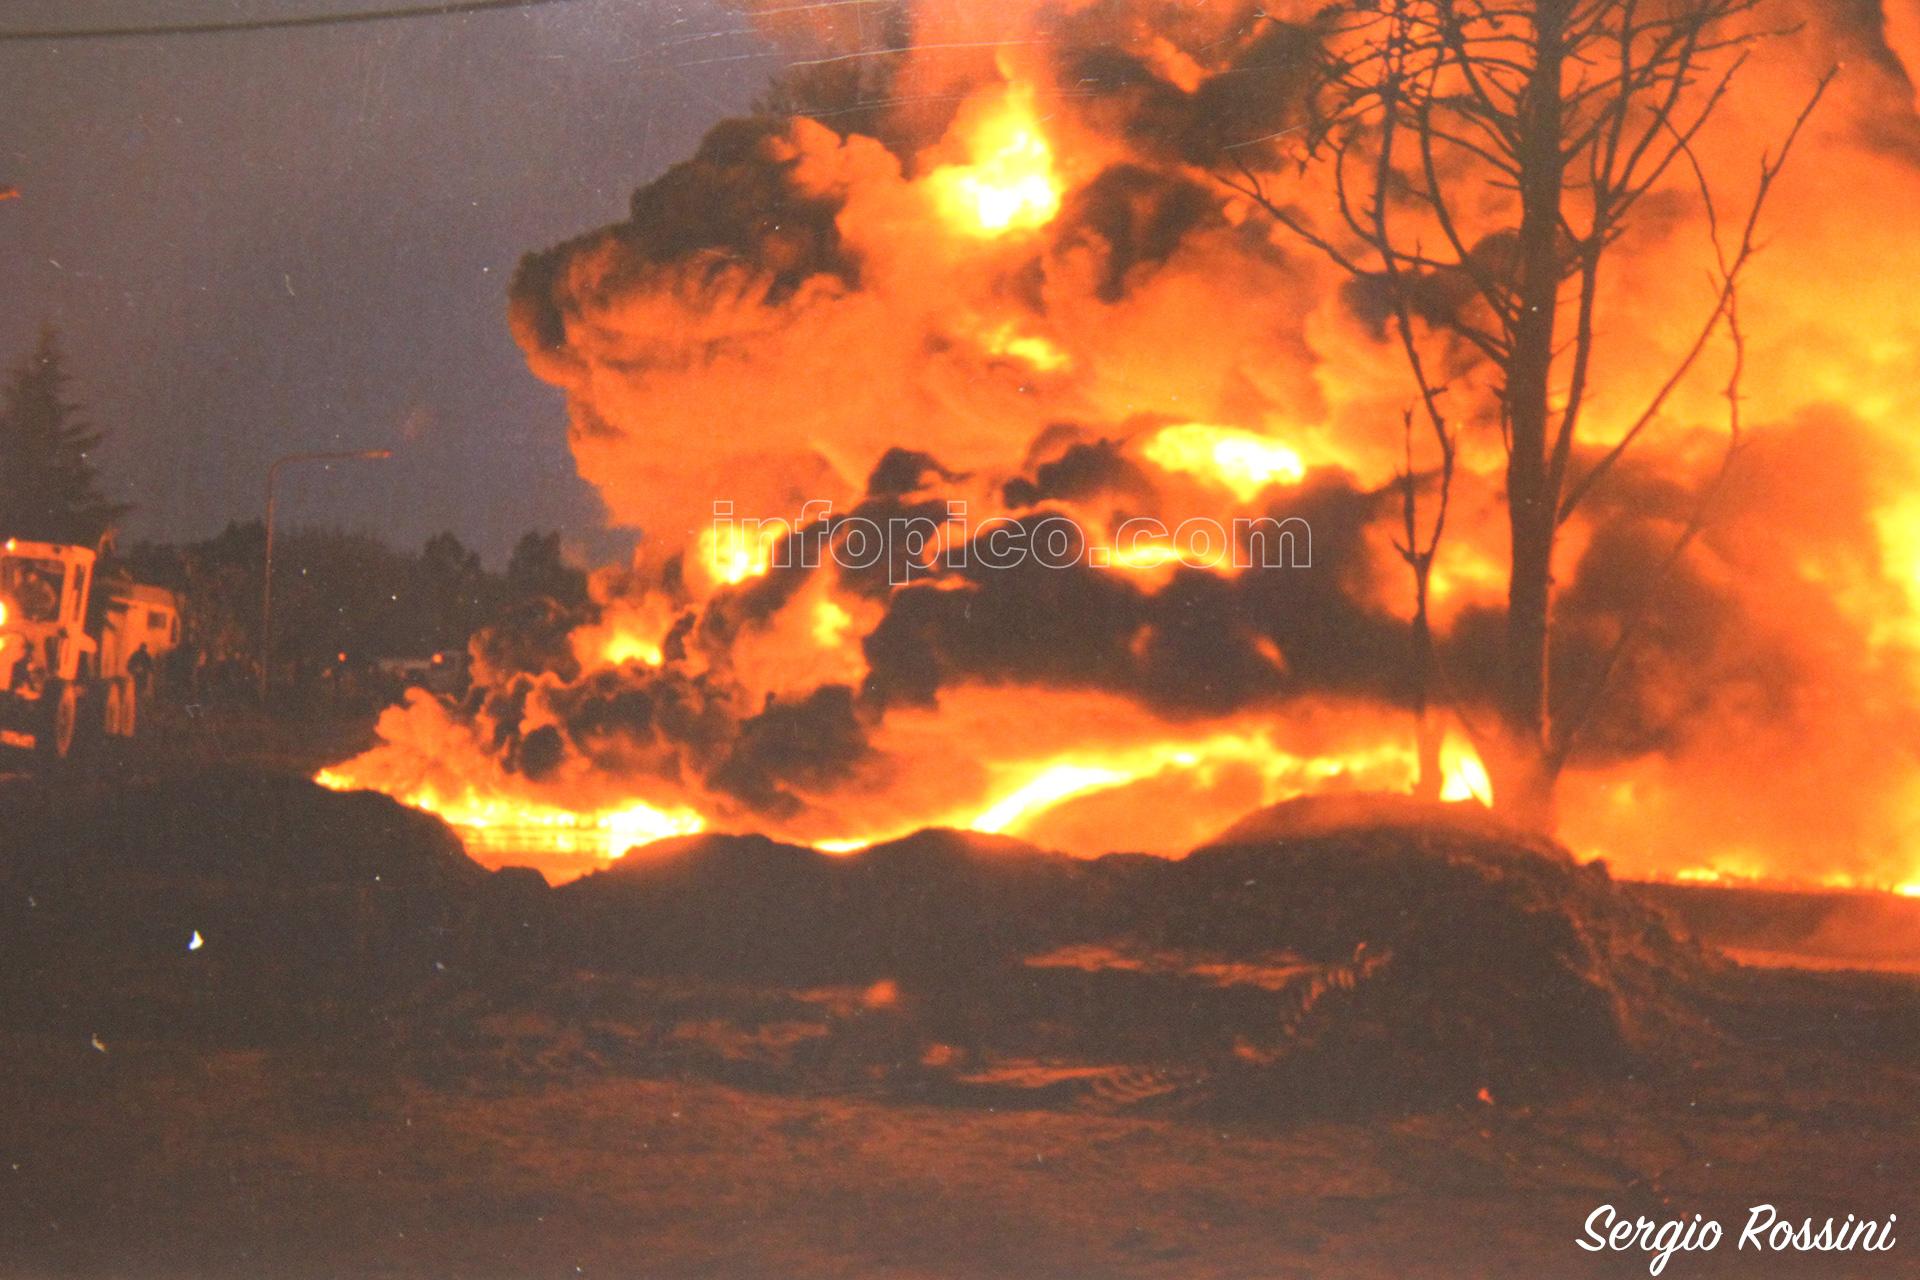 Comenzaba a caer la tarde del día 15 de agosto de 1999 y el fuego no podía ser controlado